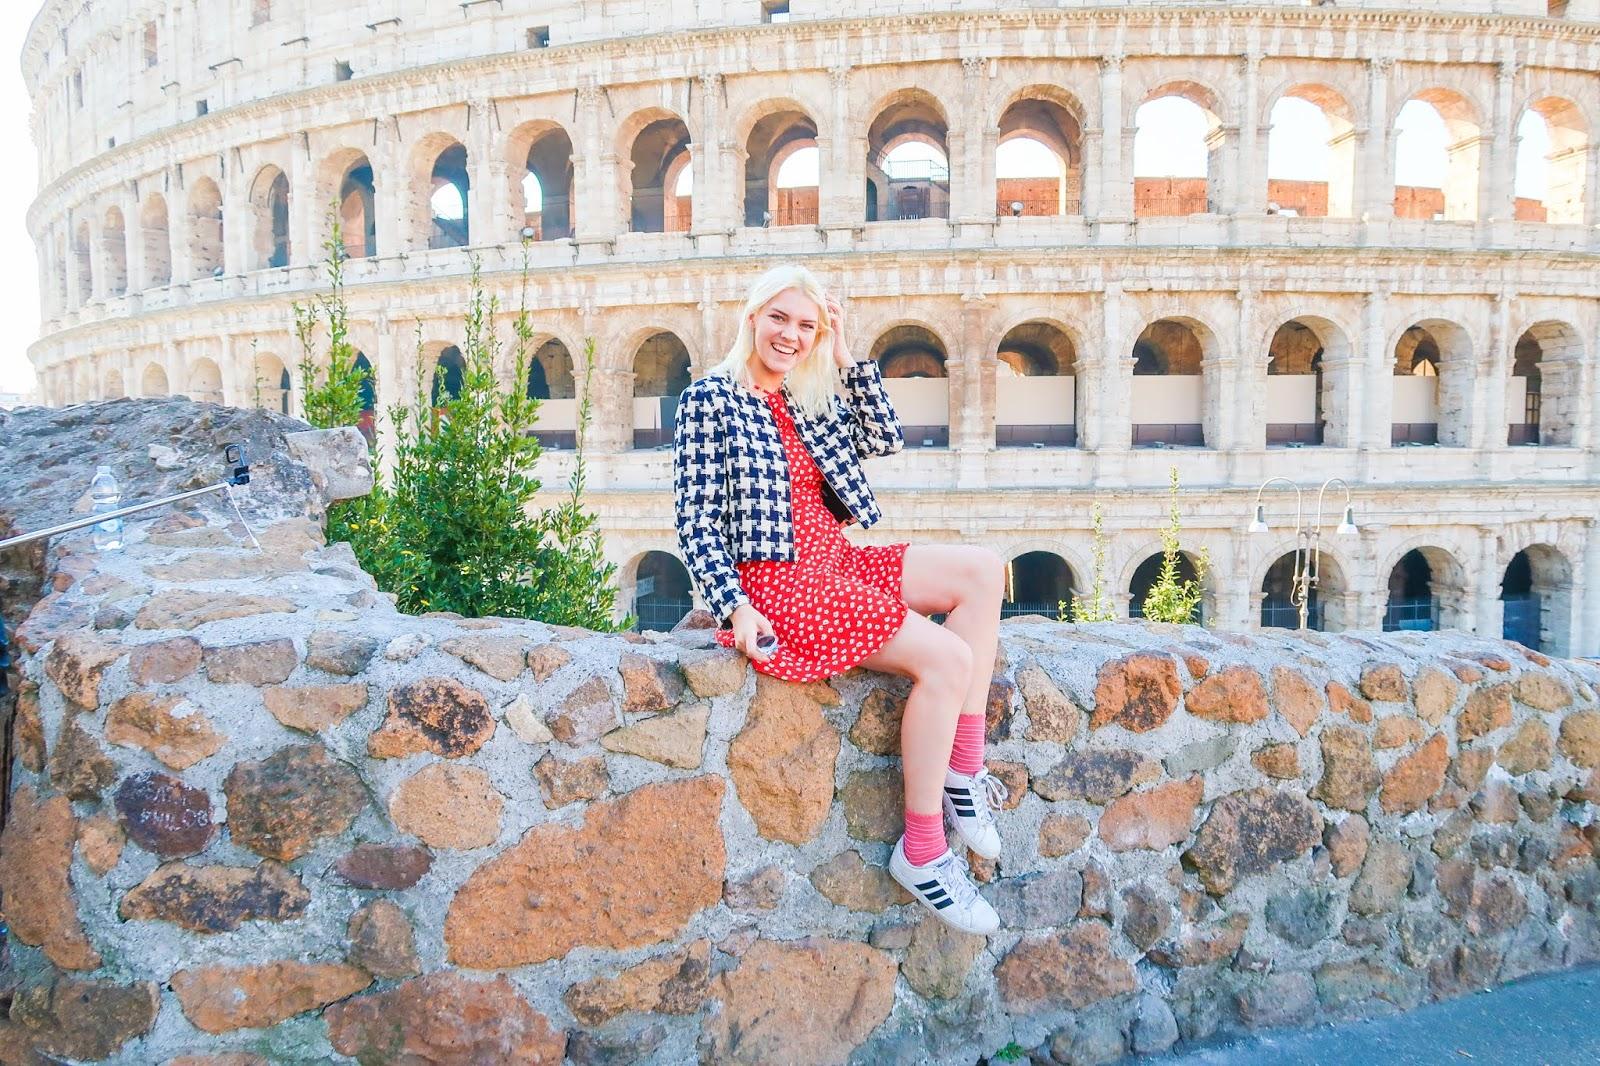 Ciao Bella! I'm In ROME!